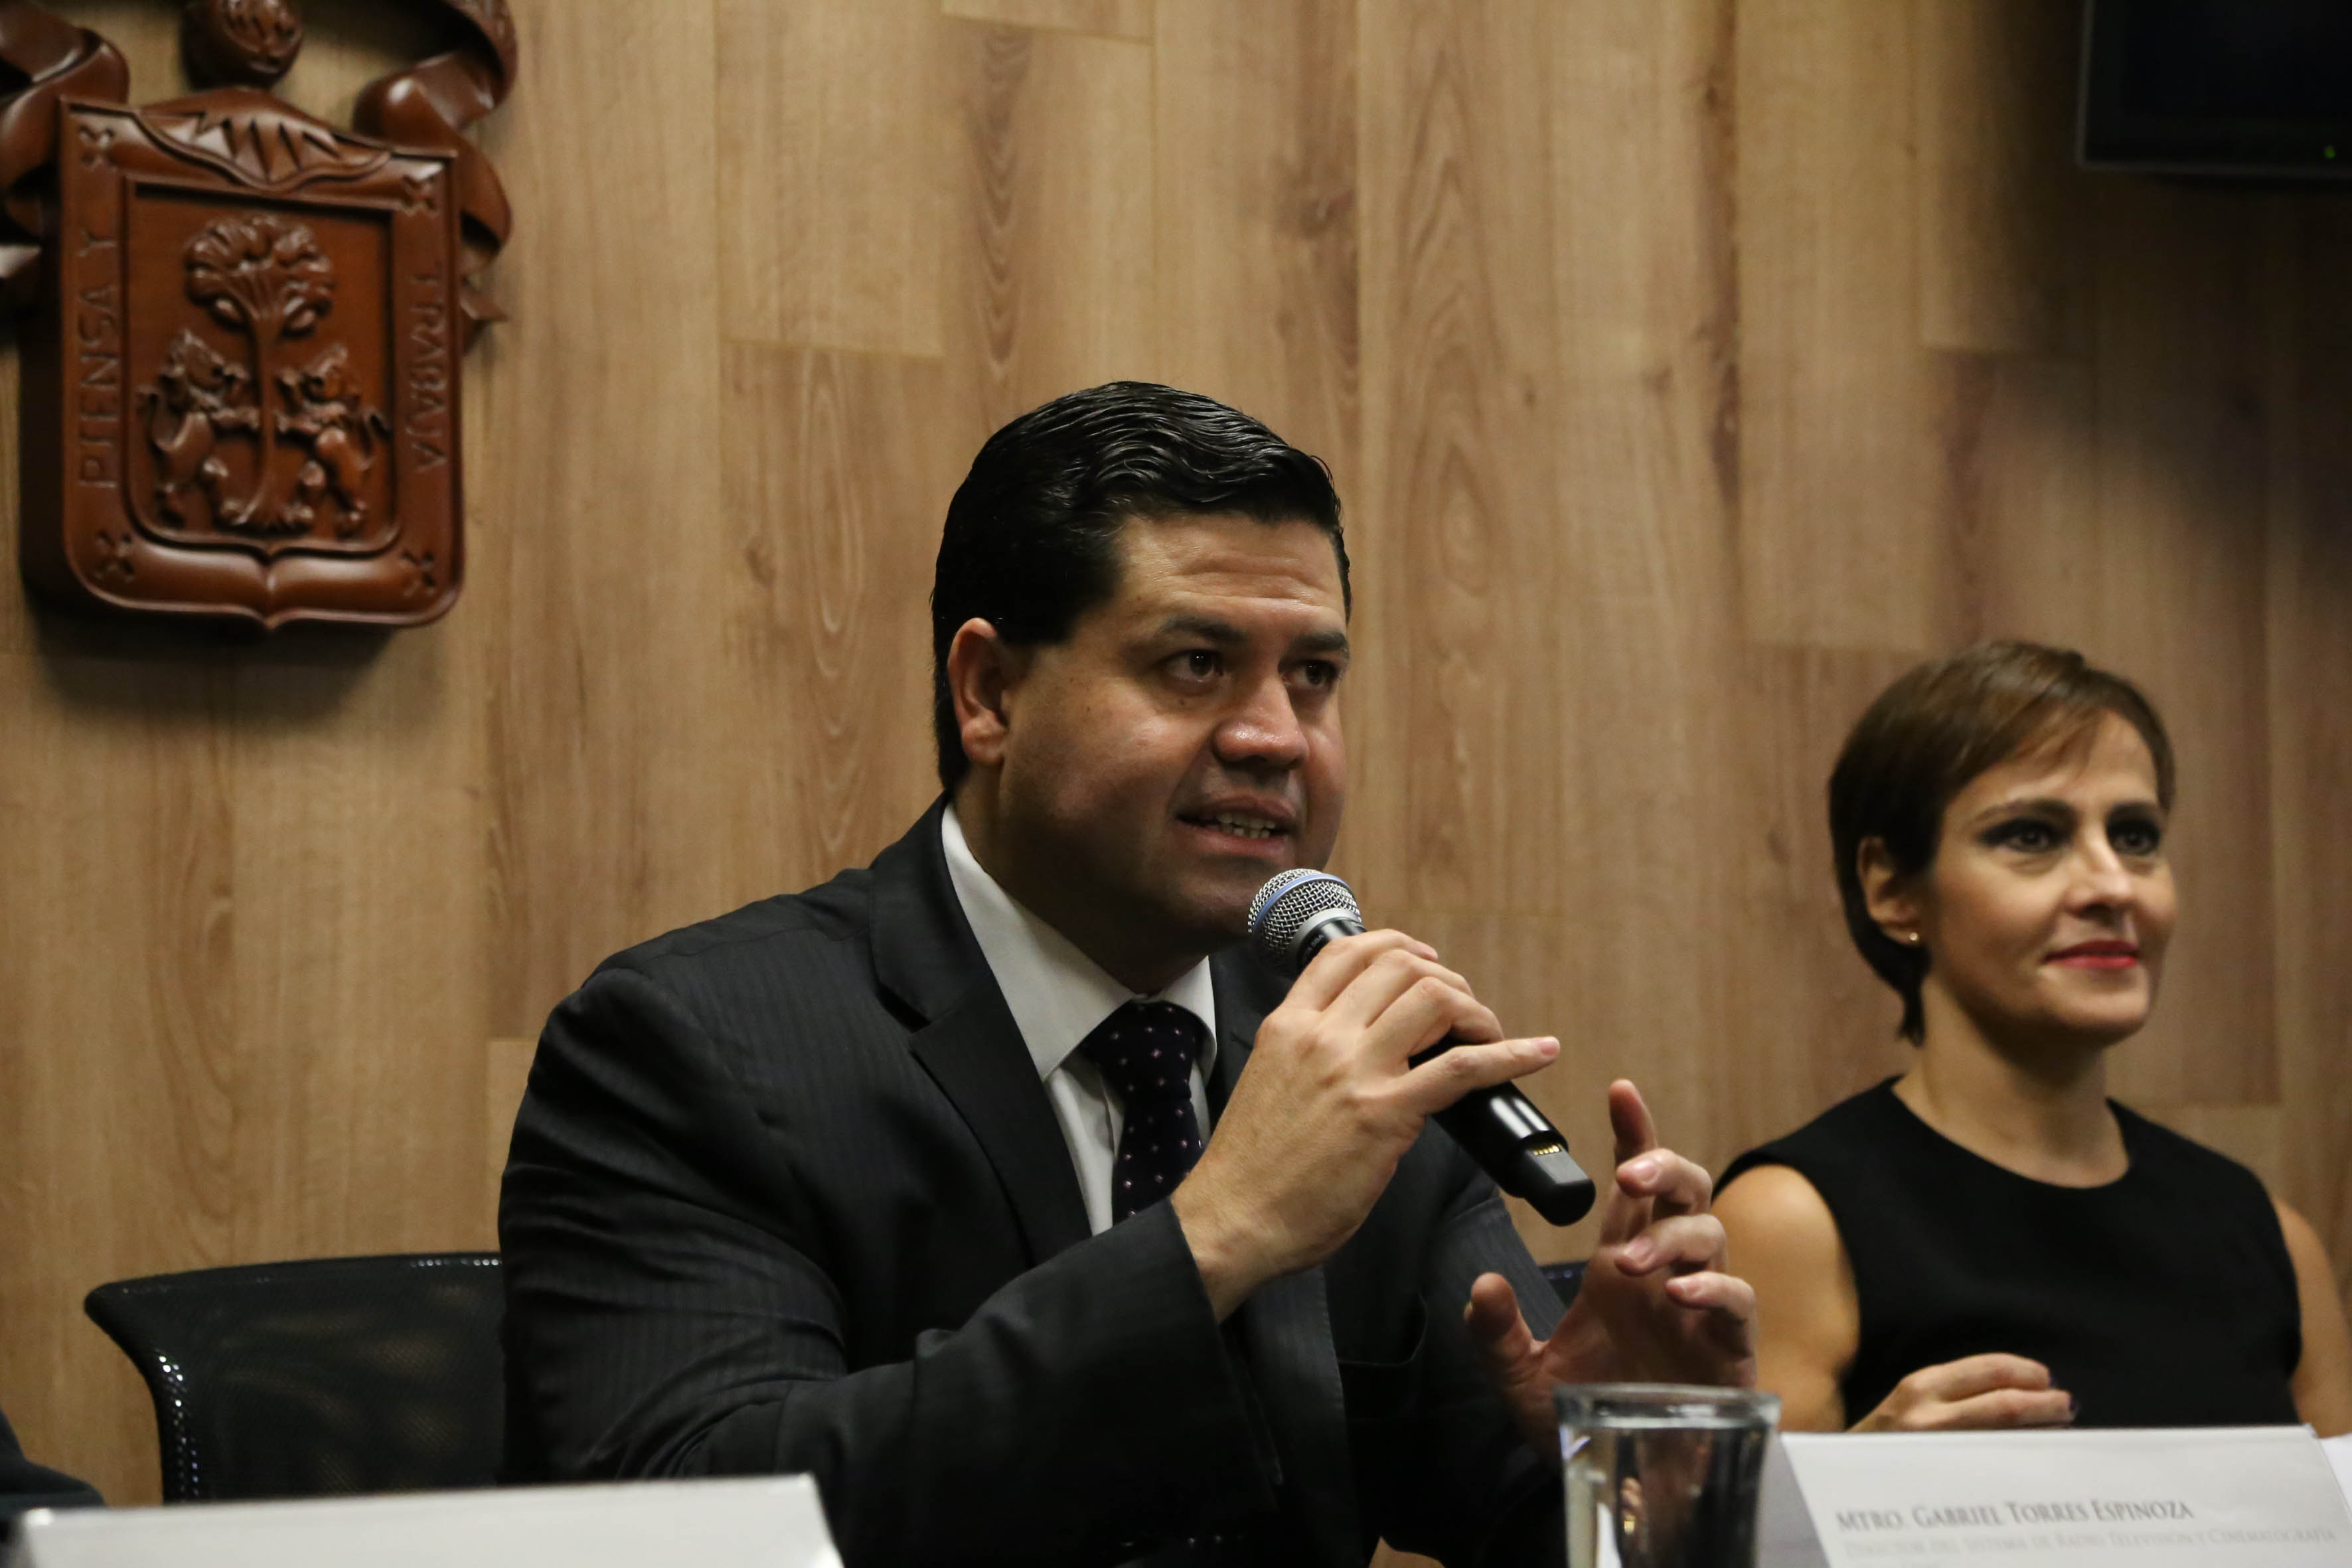 Mtro. Gabriel Torres, Director de la Operadora del Sistema Universitario de Radio, Televisión y Cinematografía